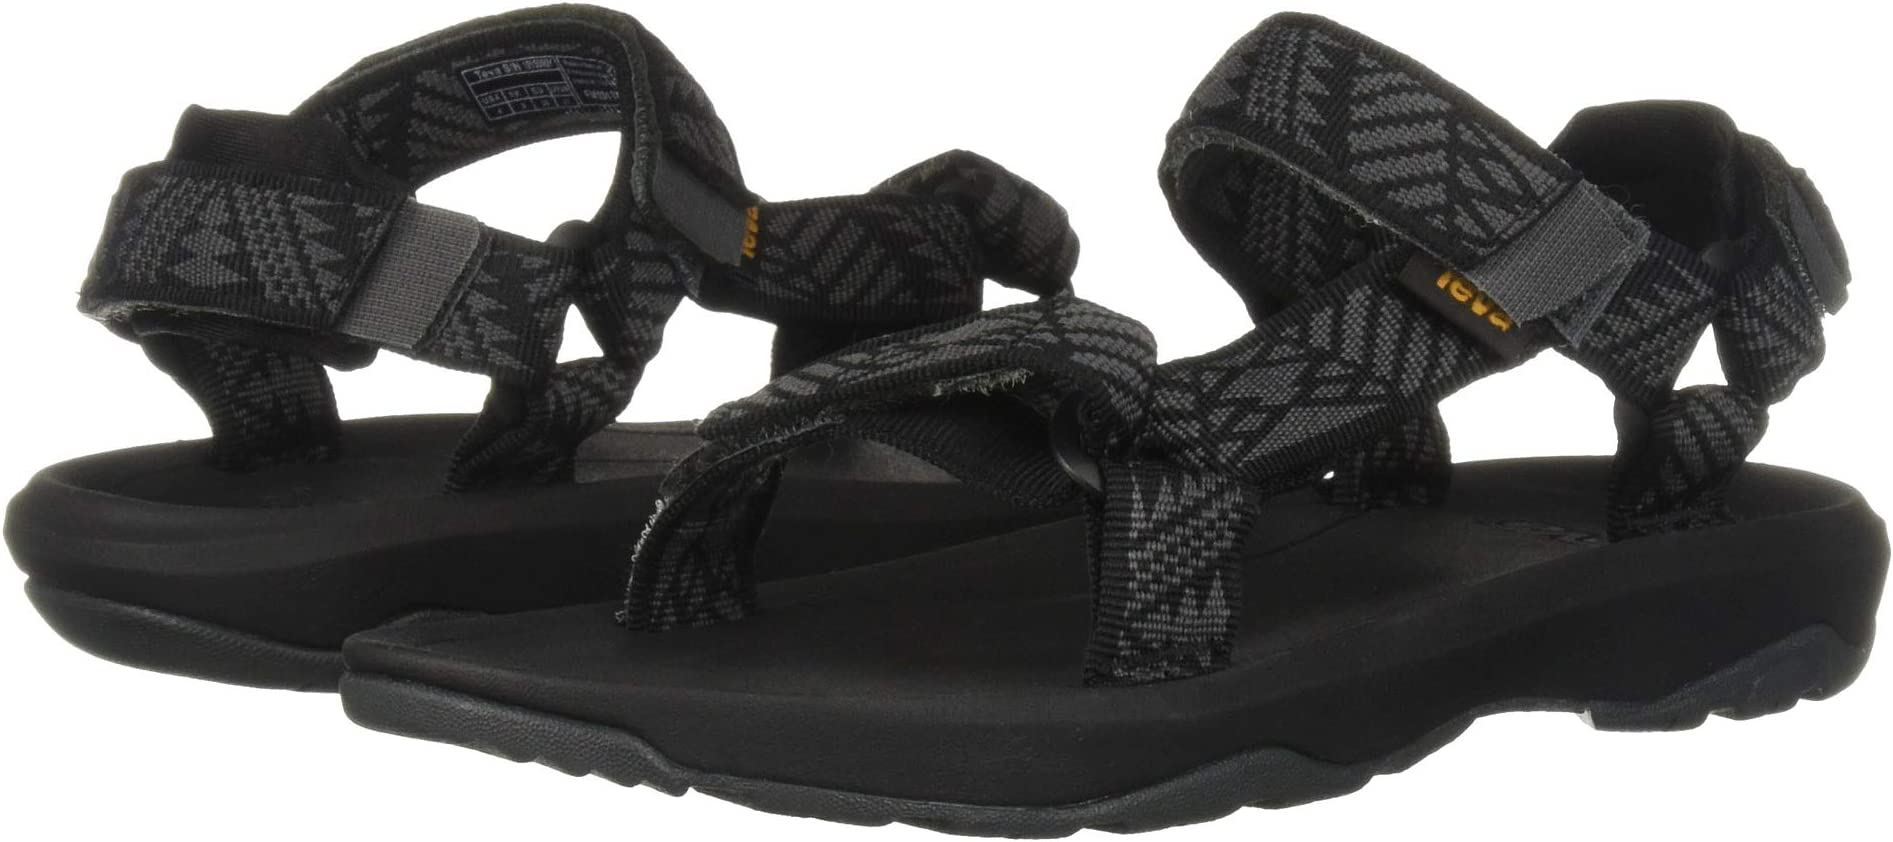 d17e6e8fcf18 Teva Sandals